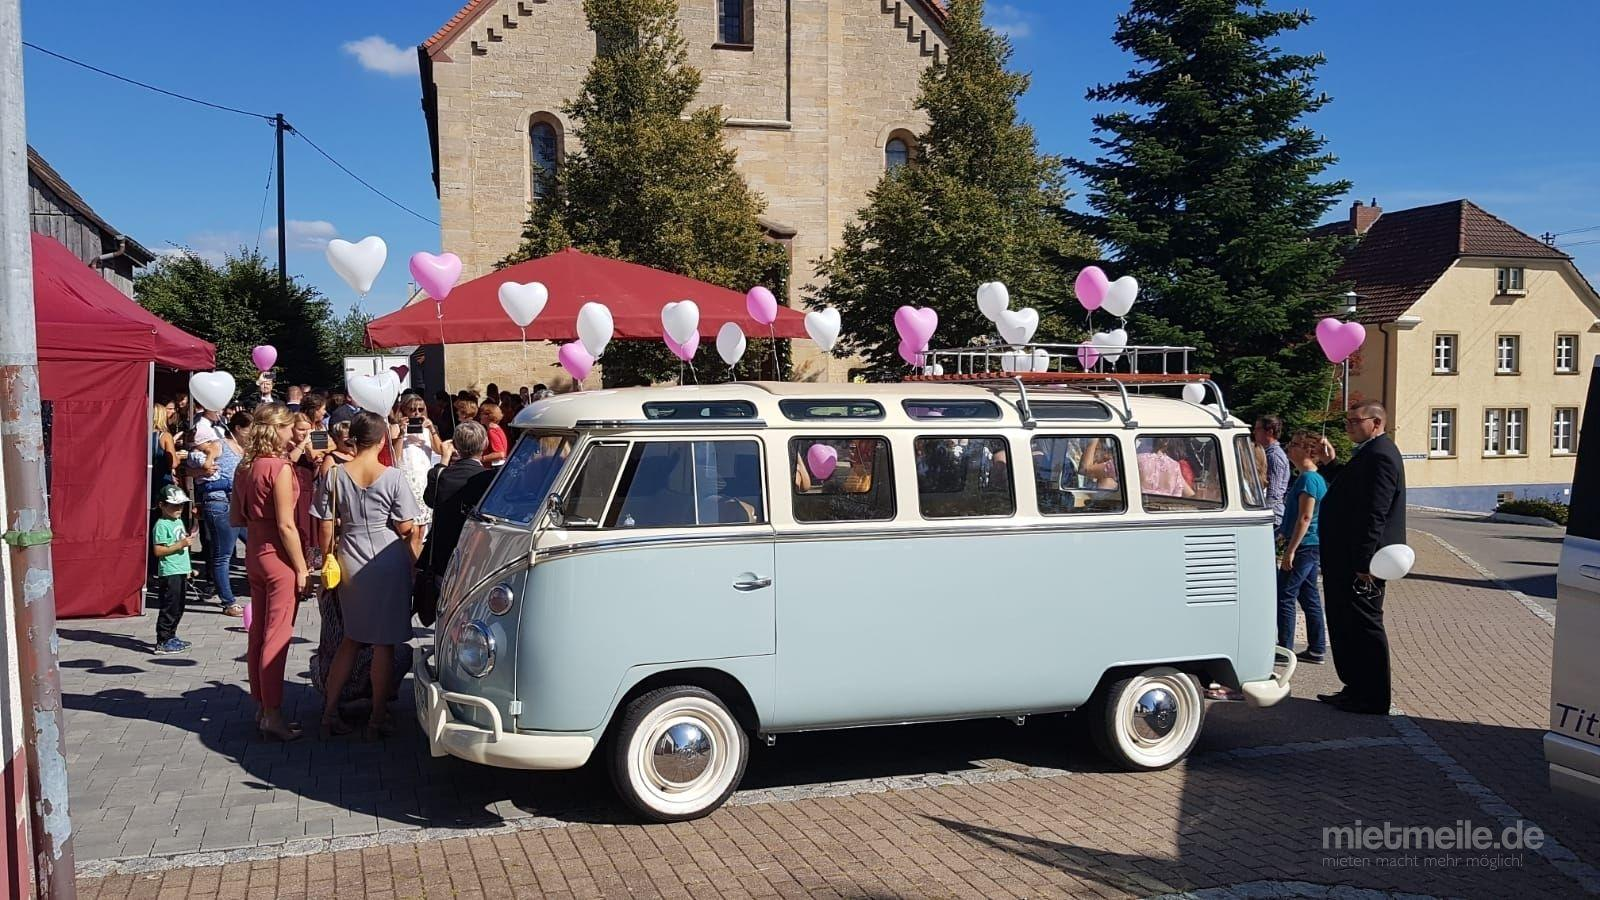 Hochzeitsauto mieten & vermieten - VW Bulli T1 Samba, Hochzeitsauto, Chauffeur/-in, Oldtimer in Freiburg im Breisgau